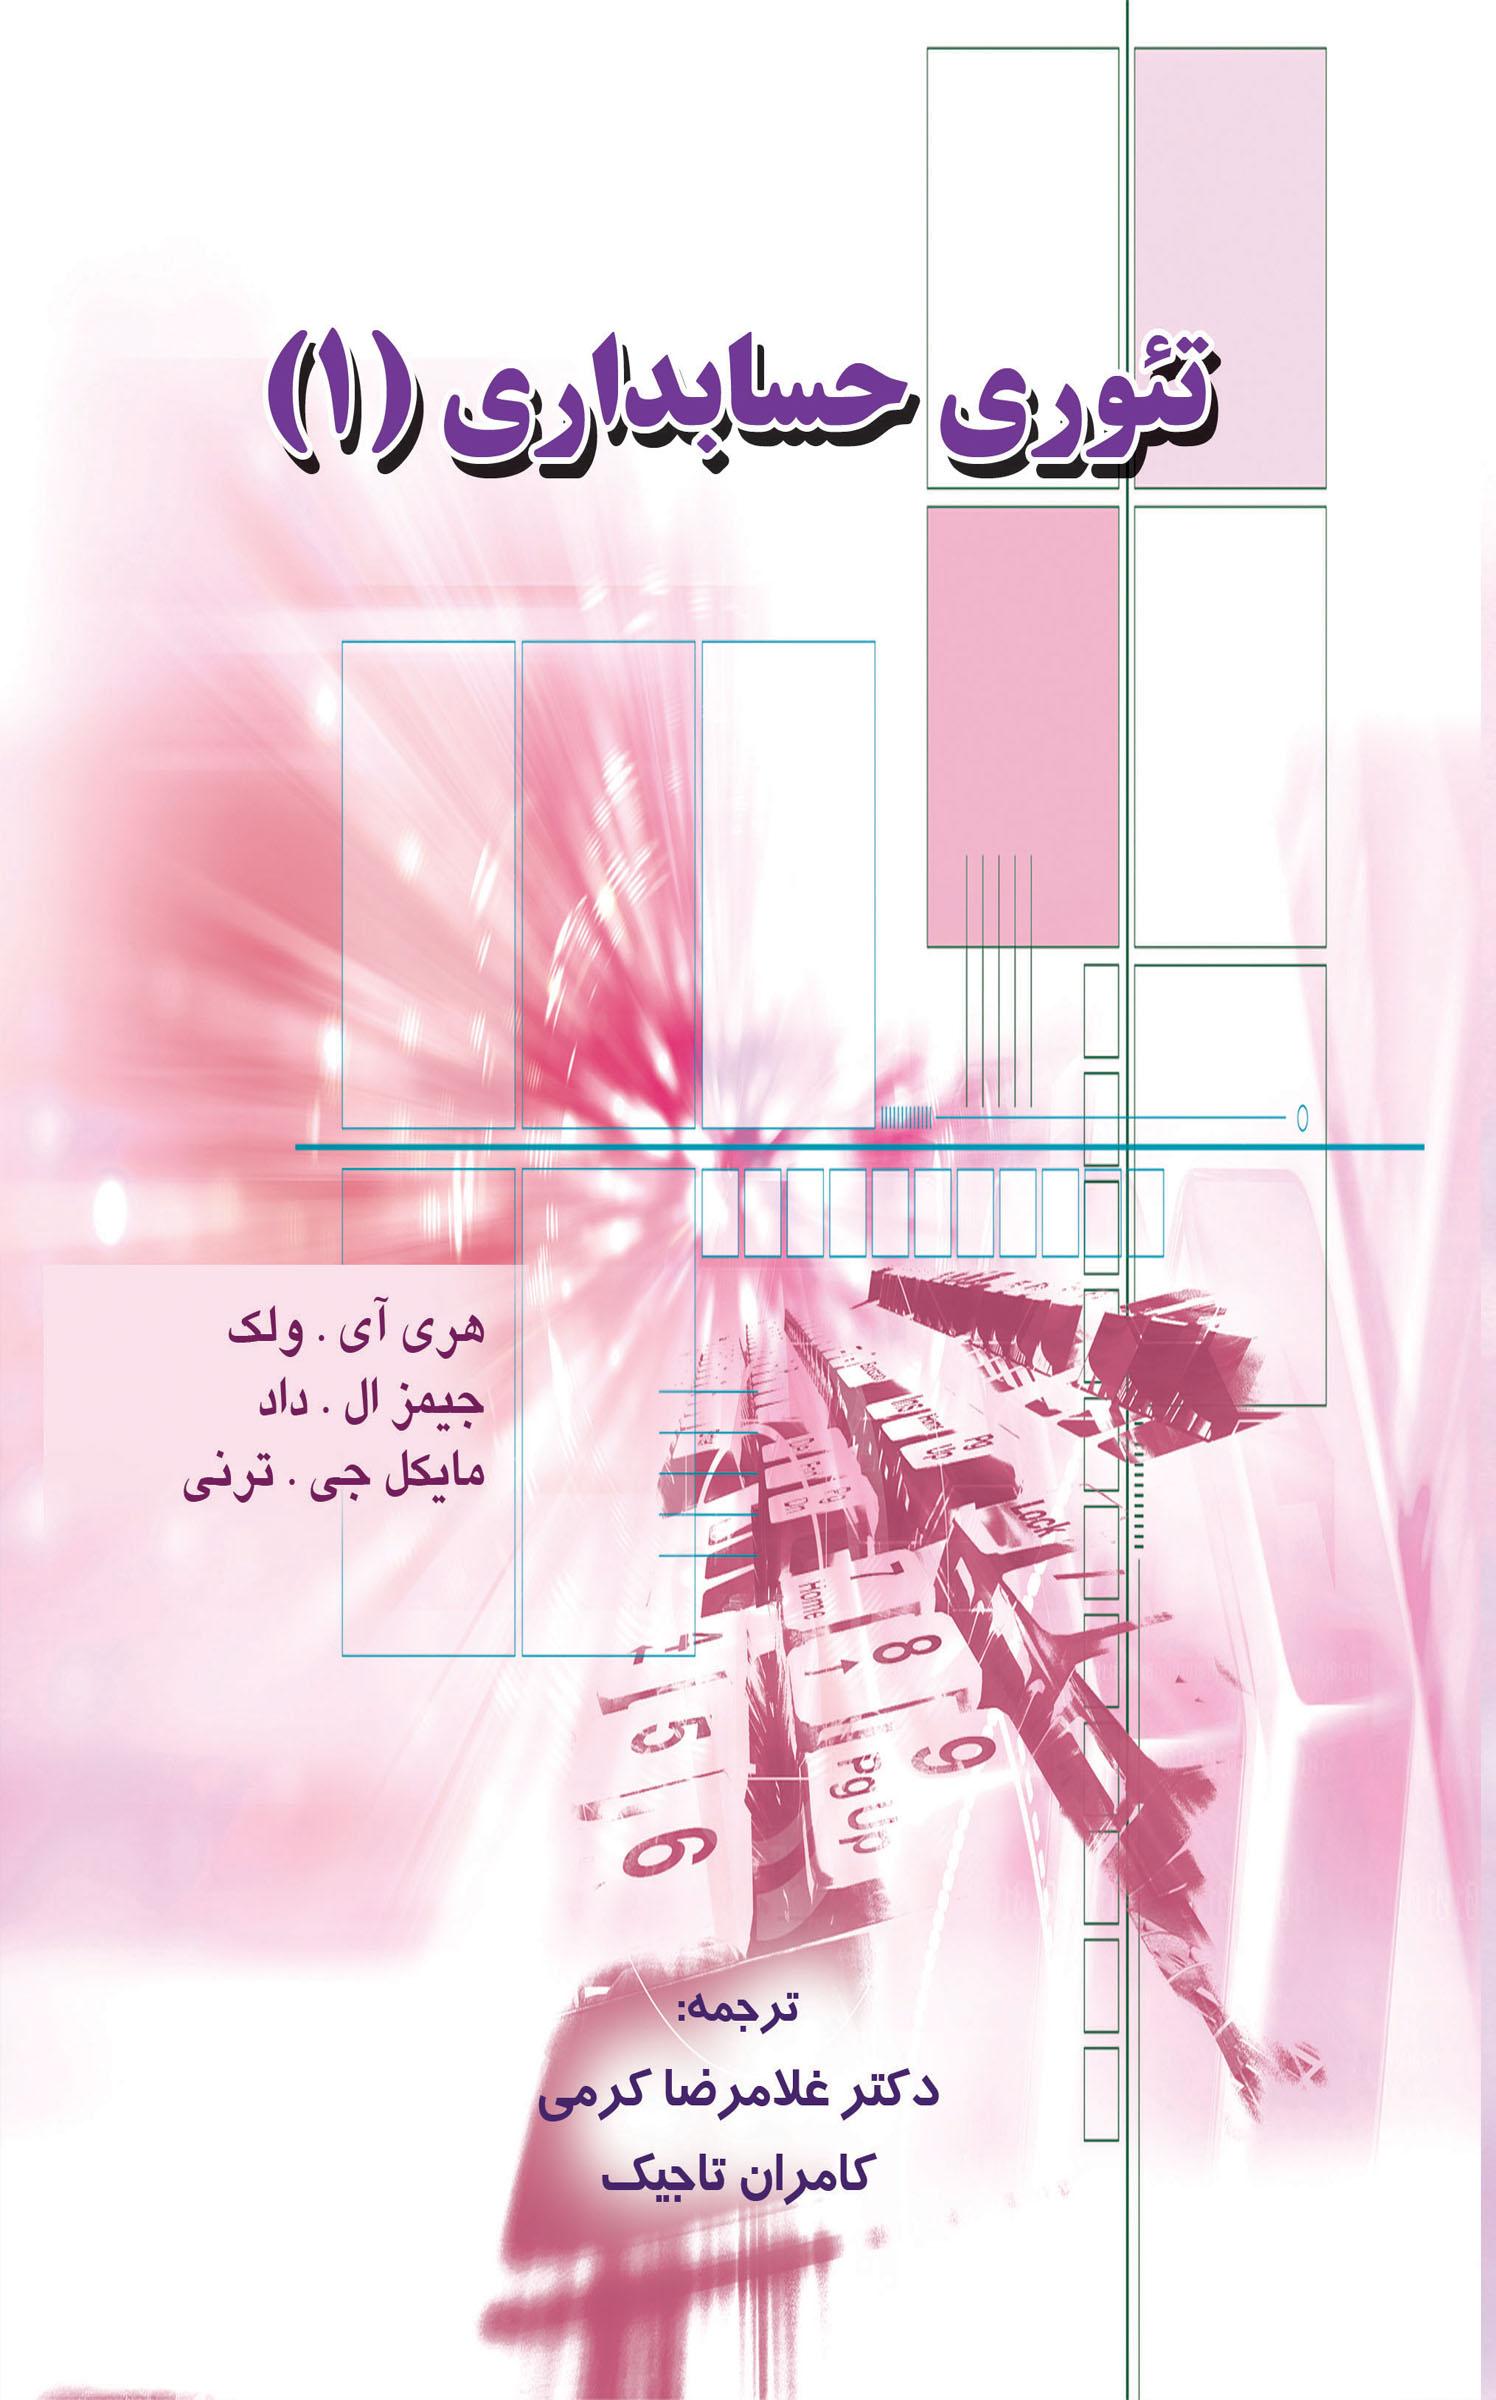 تئوری حسابداری (1) - ولک